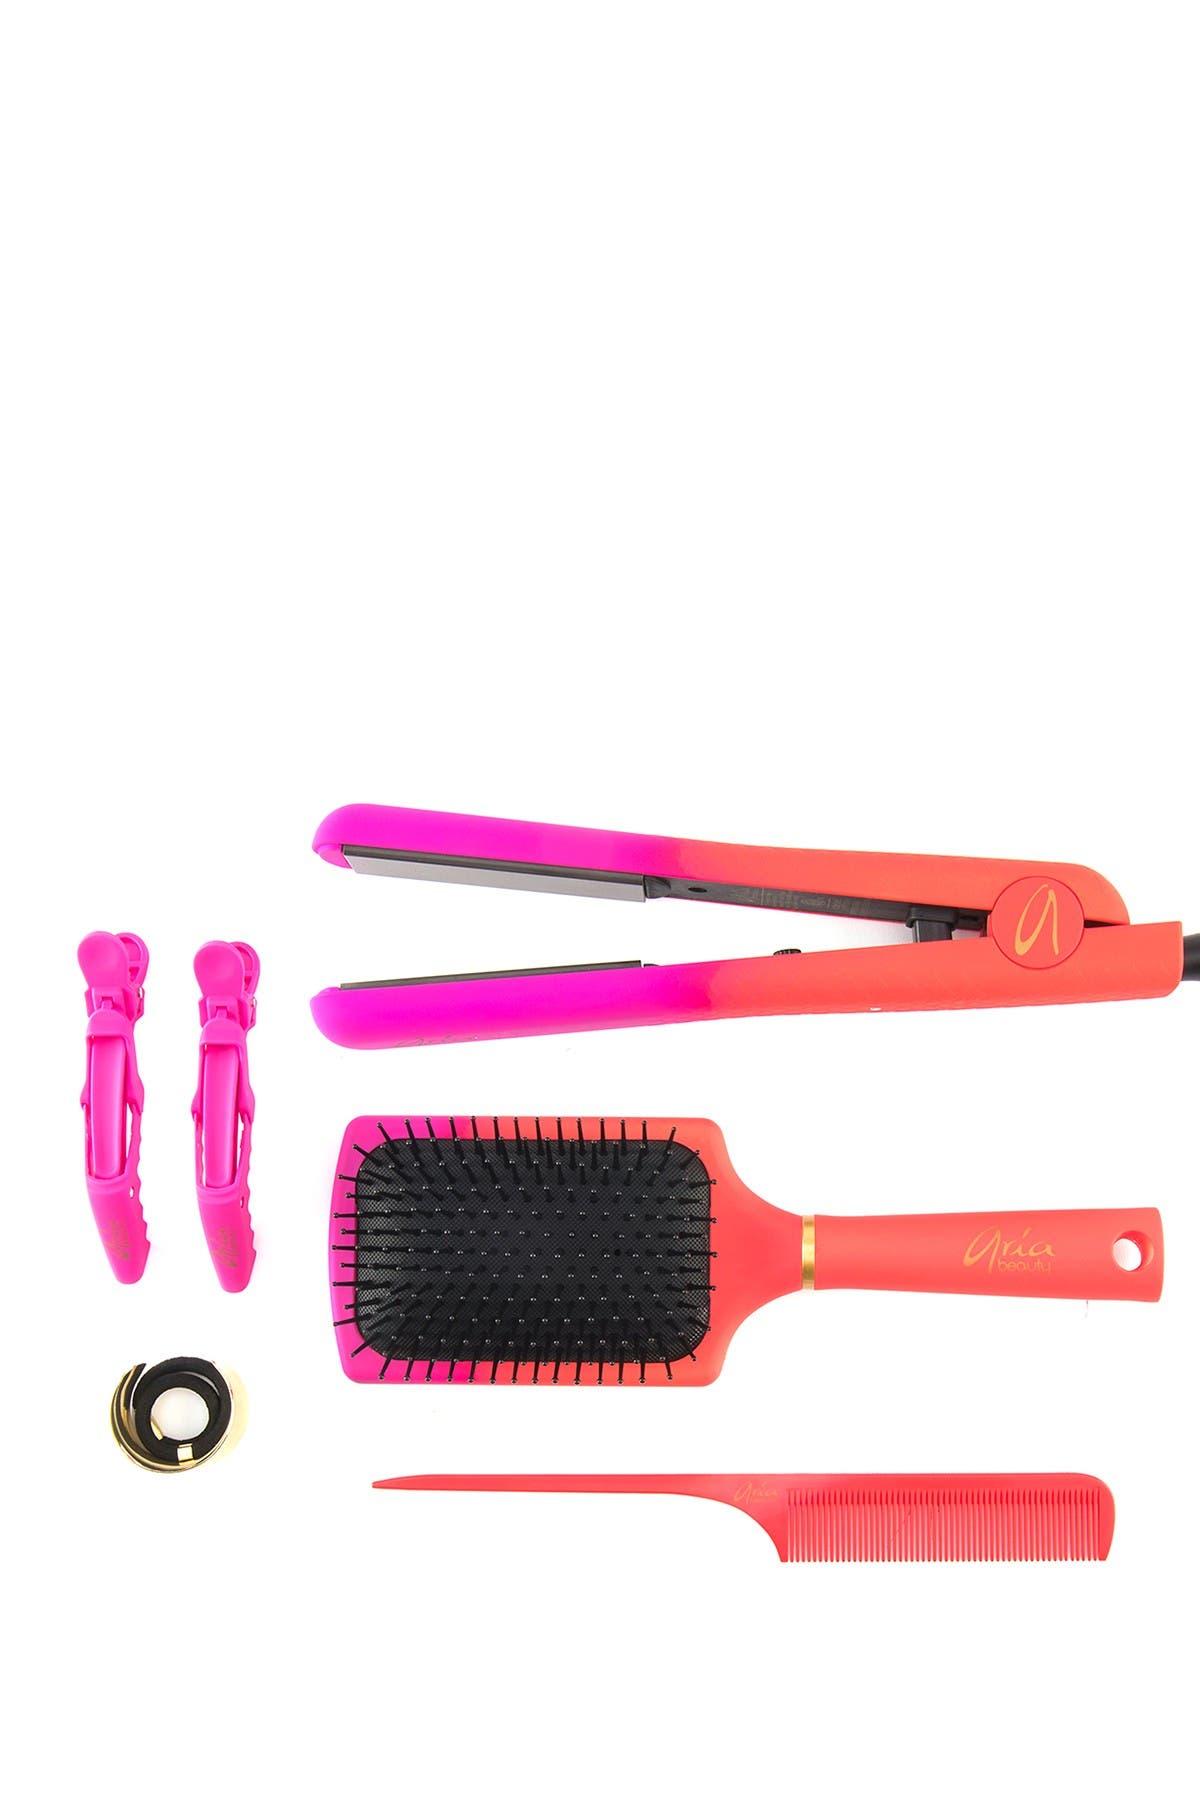 Image of ARIA Cosmo Super Glam Straightener 6-Piece Set